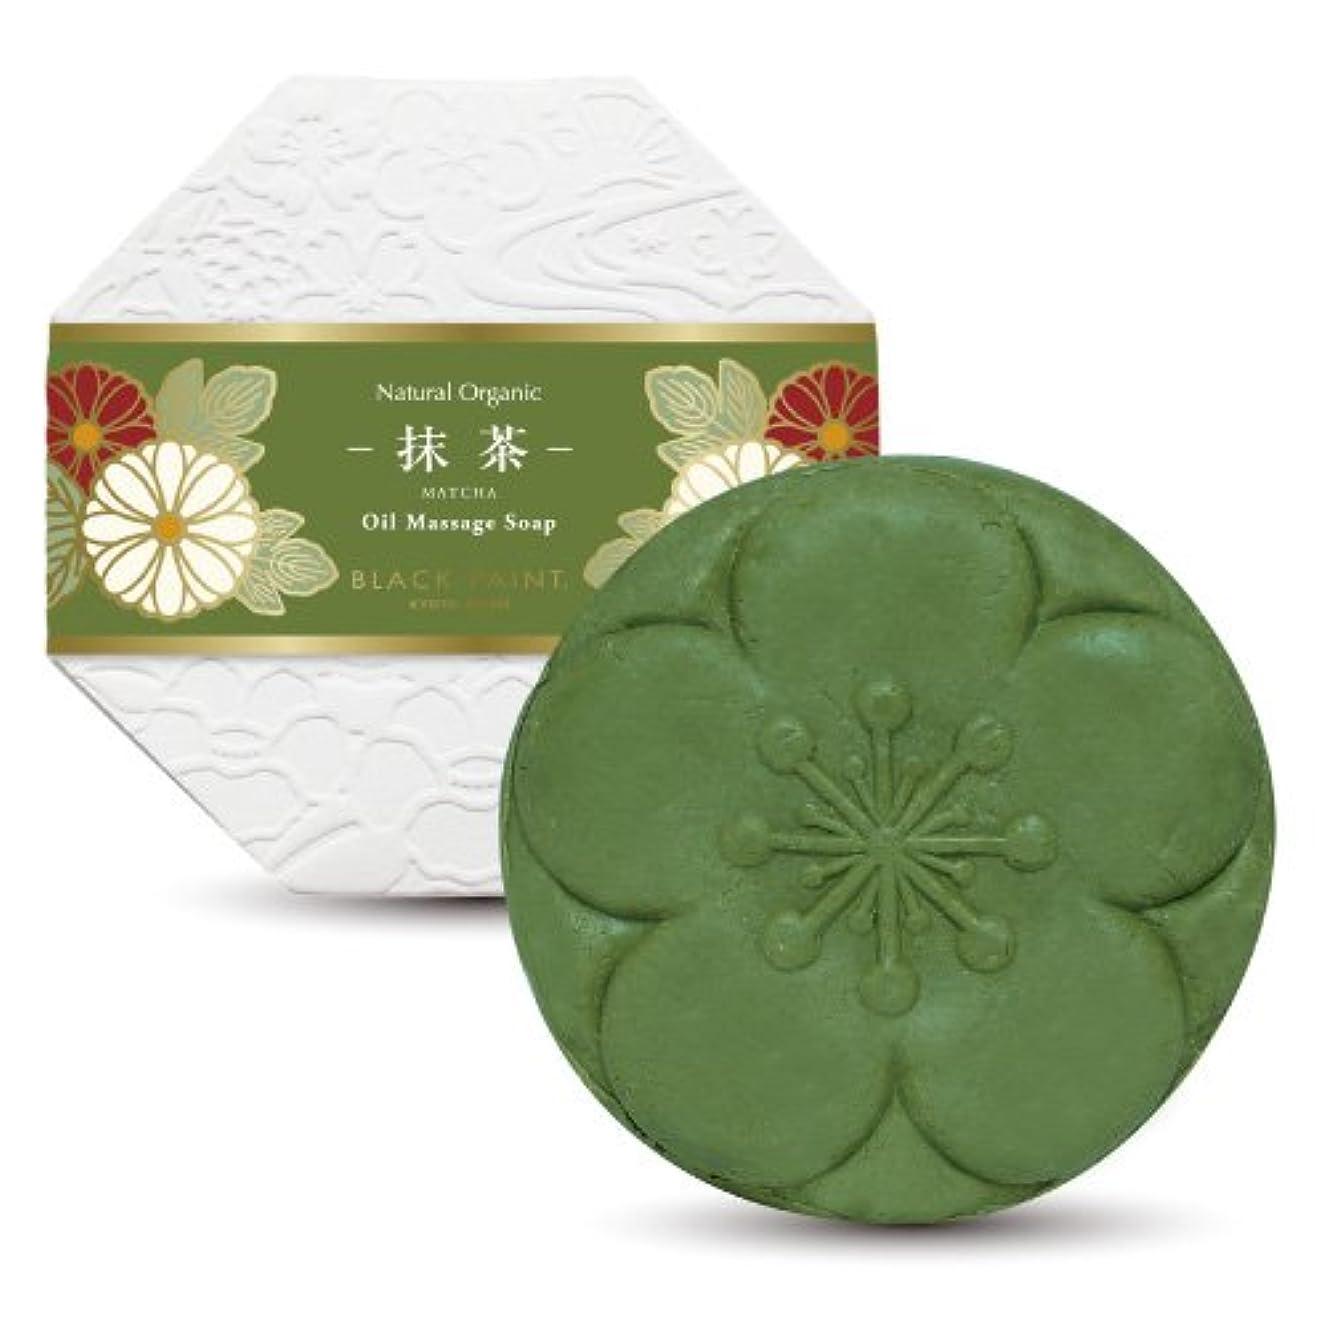 におい前者計算京のお茶石鹸 抹茶 120g 塗る石鹸